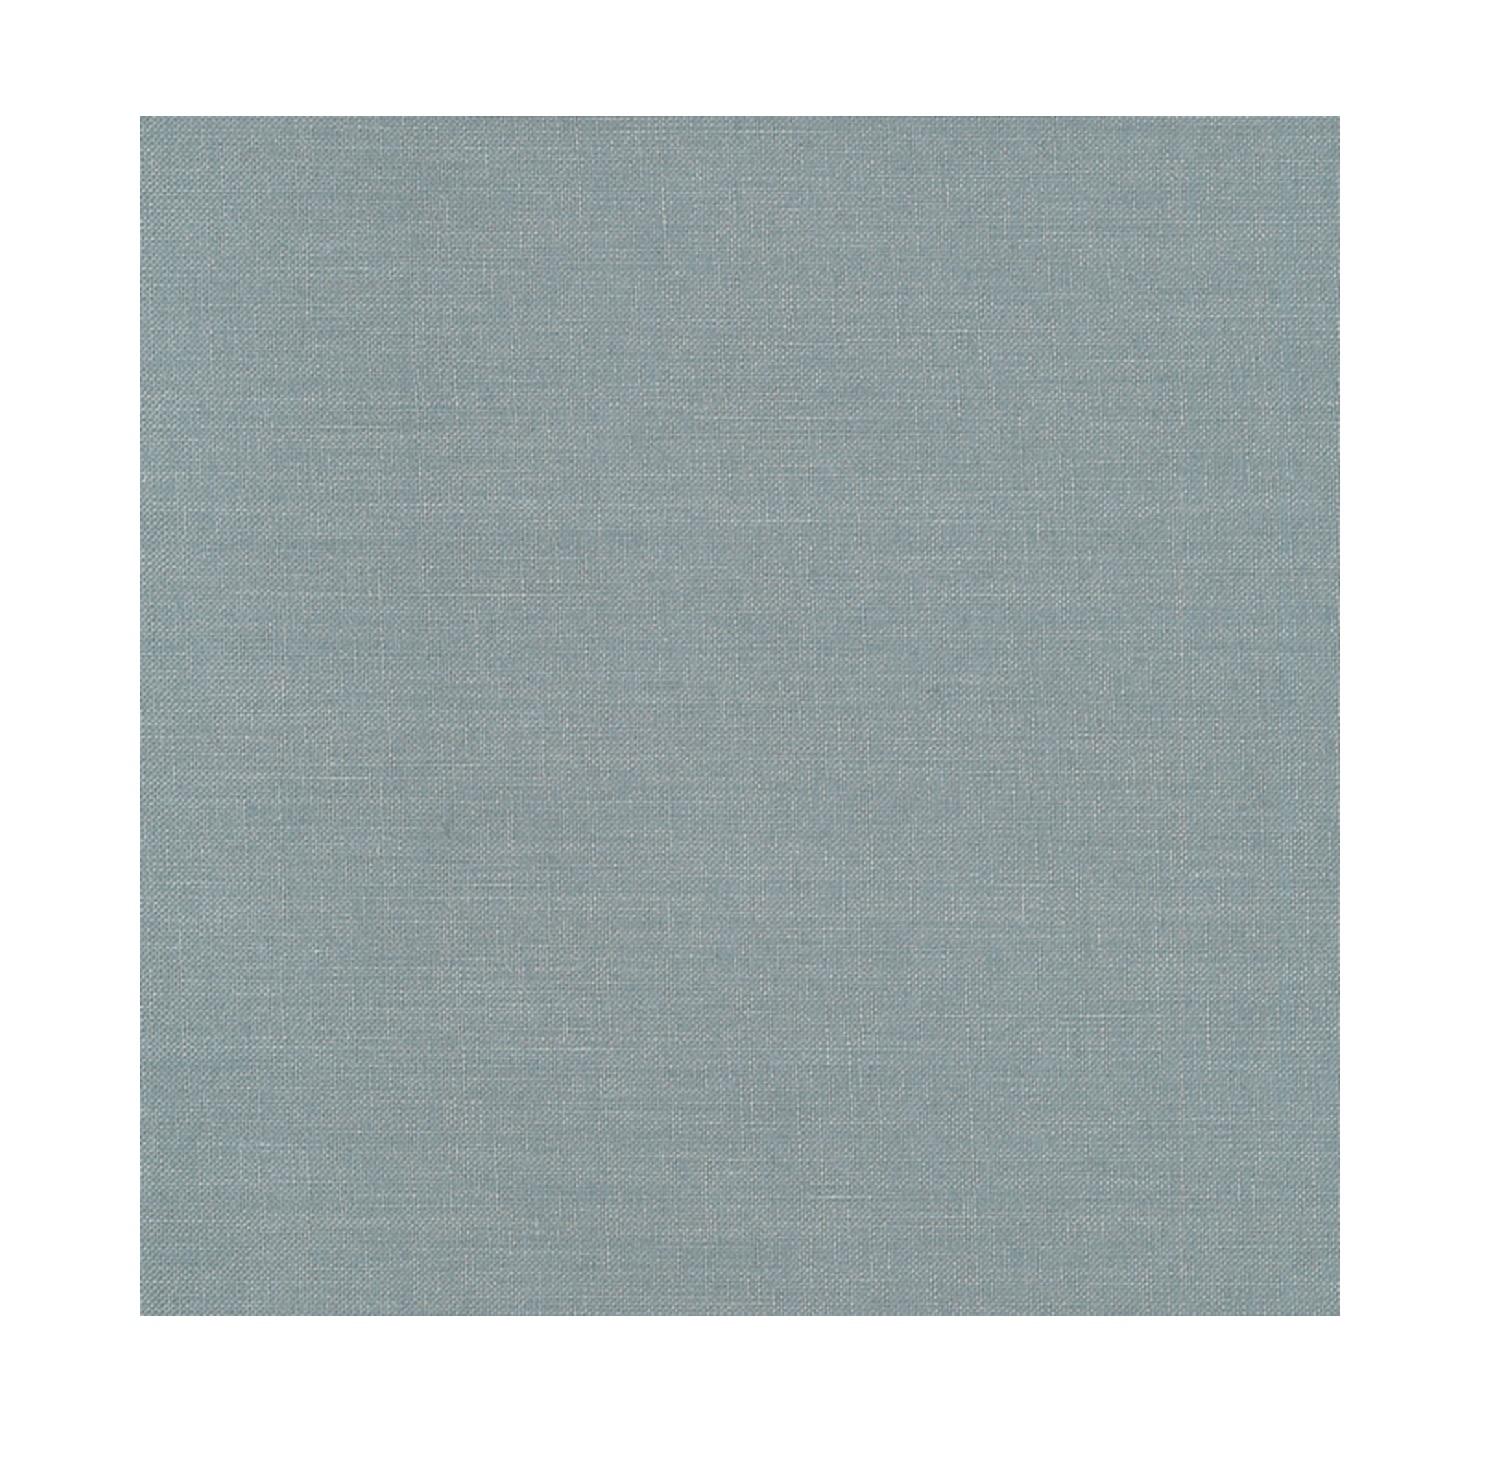 Онлайн каталог PROMENU: Салфетка льняная Aramis GRIS PERLA PURO LINO, 41х41 см, синий                                   2251939